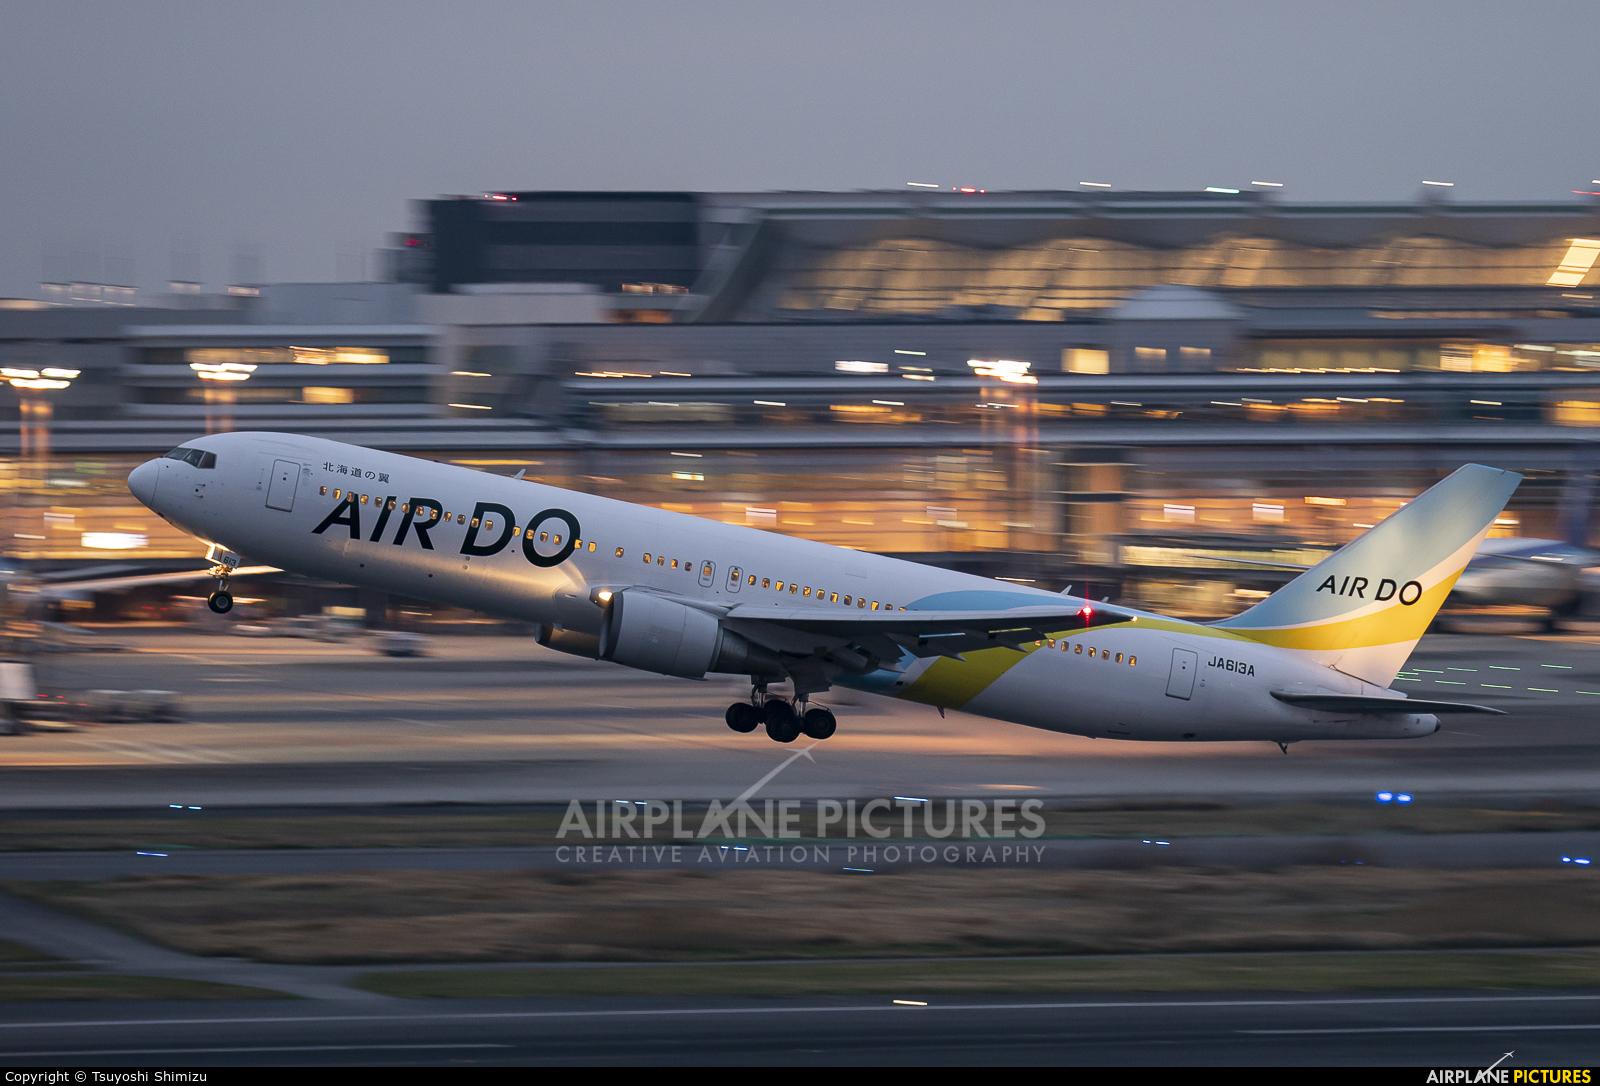 Air Do - Hokkaido International Airlines JA613A aircraft at Tokyo - Haneda Intl